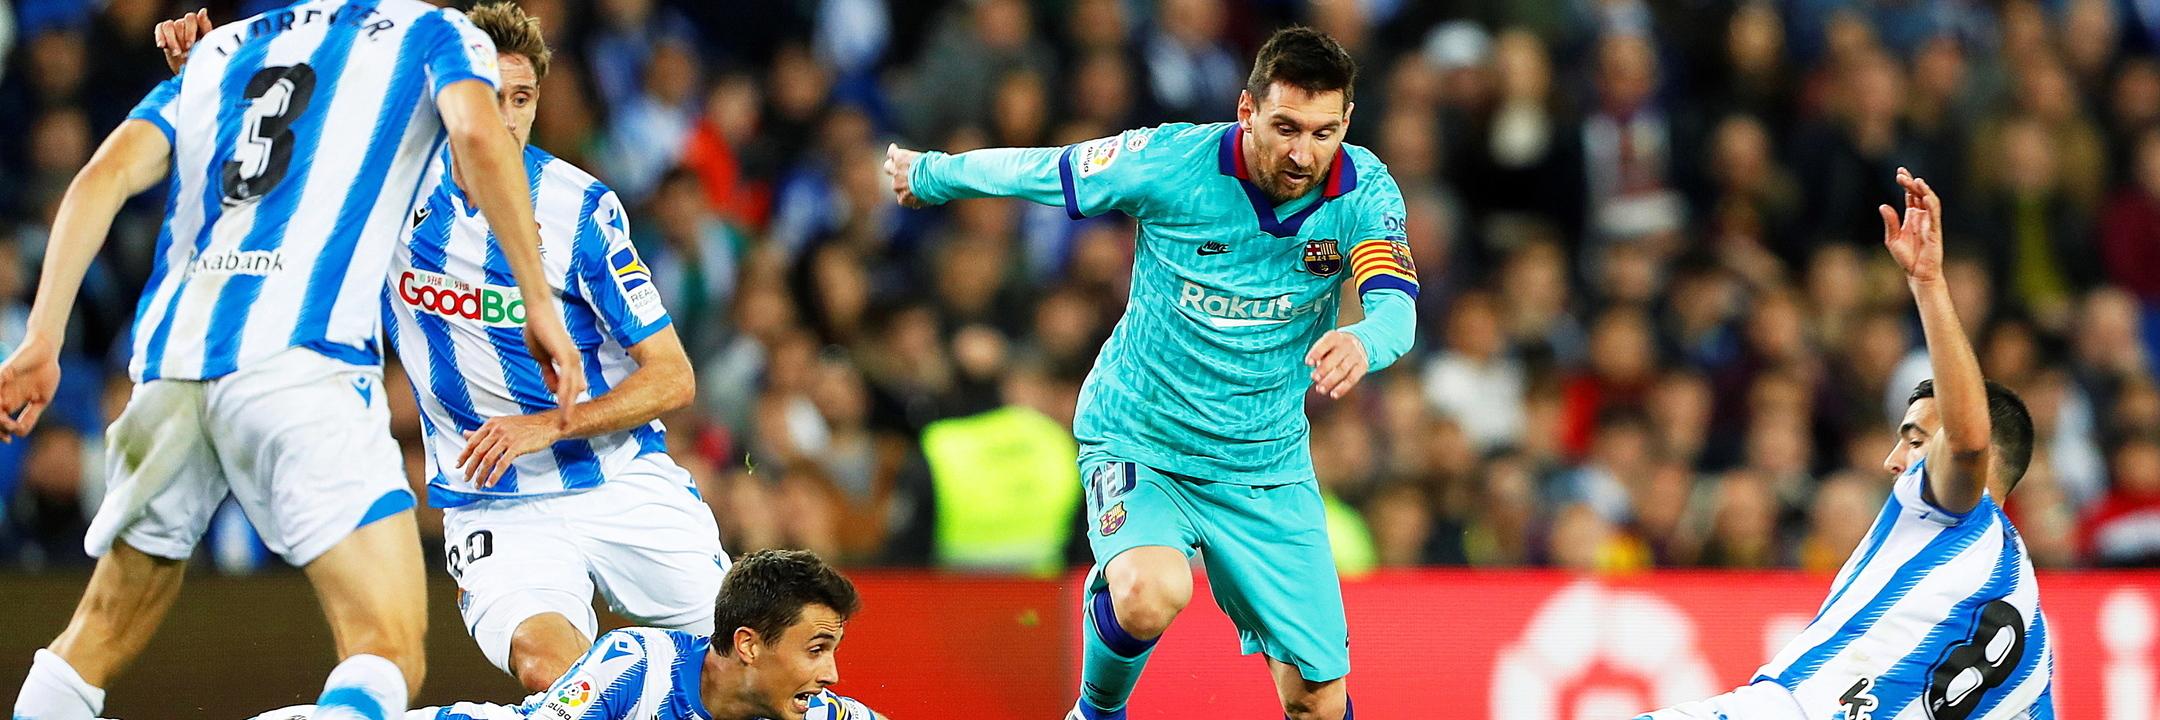 Barcelona empata com Real Sociedad e pode ser ultrapassado pelo Real Madrid